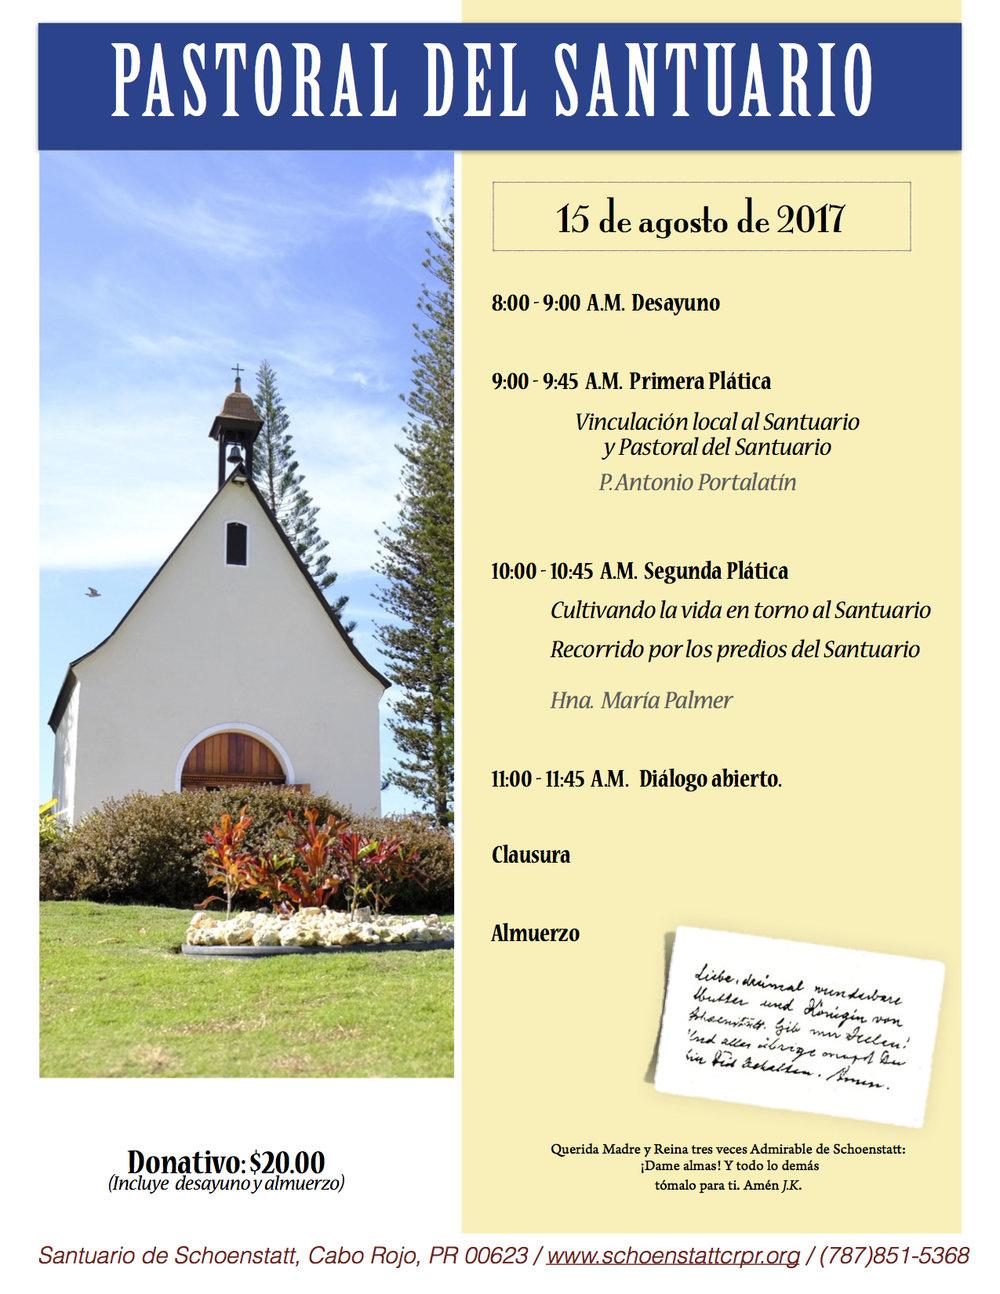 Jornada Sacerdotal - 14 y 15 de agosto de 2017